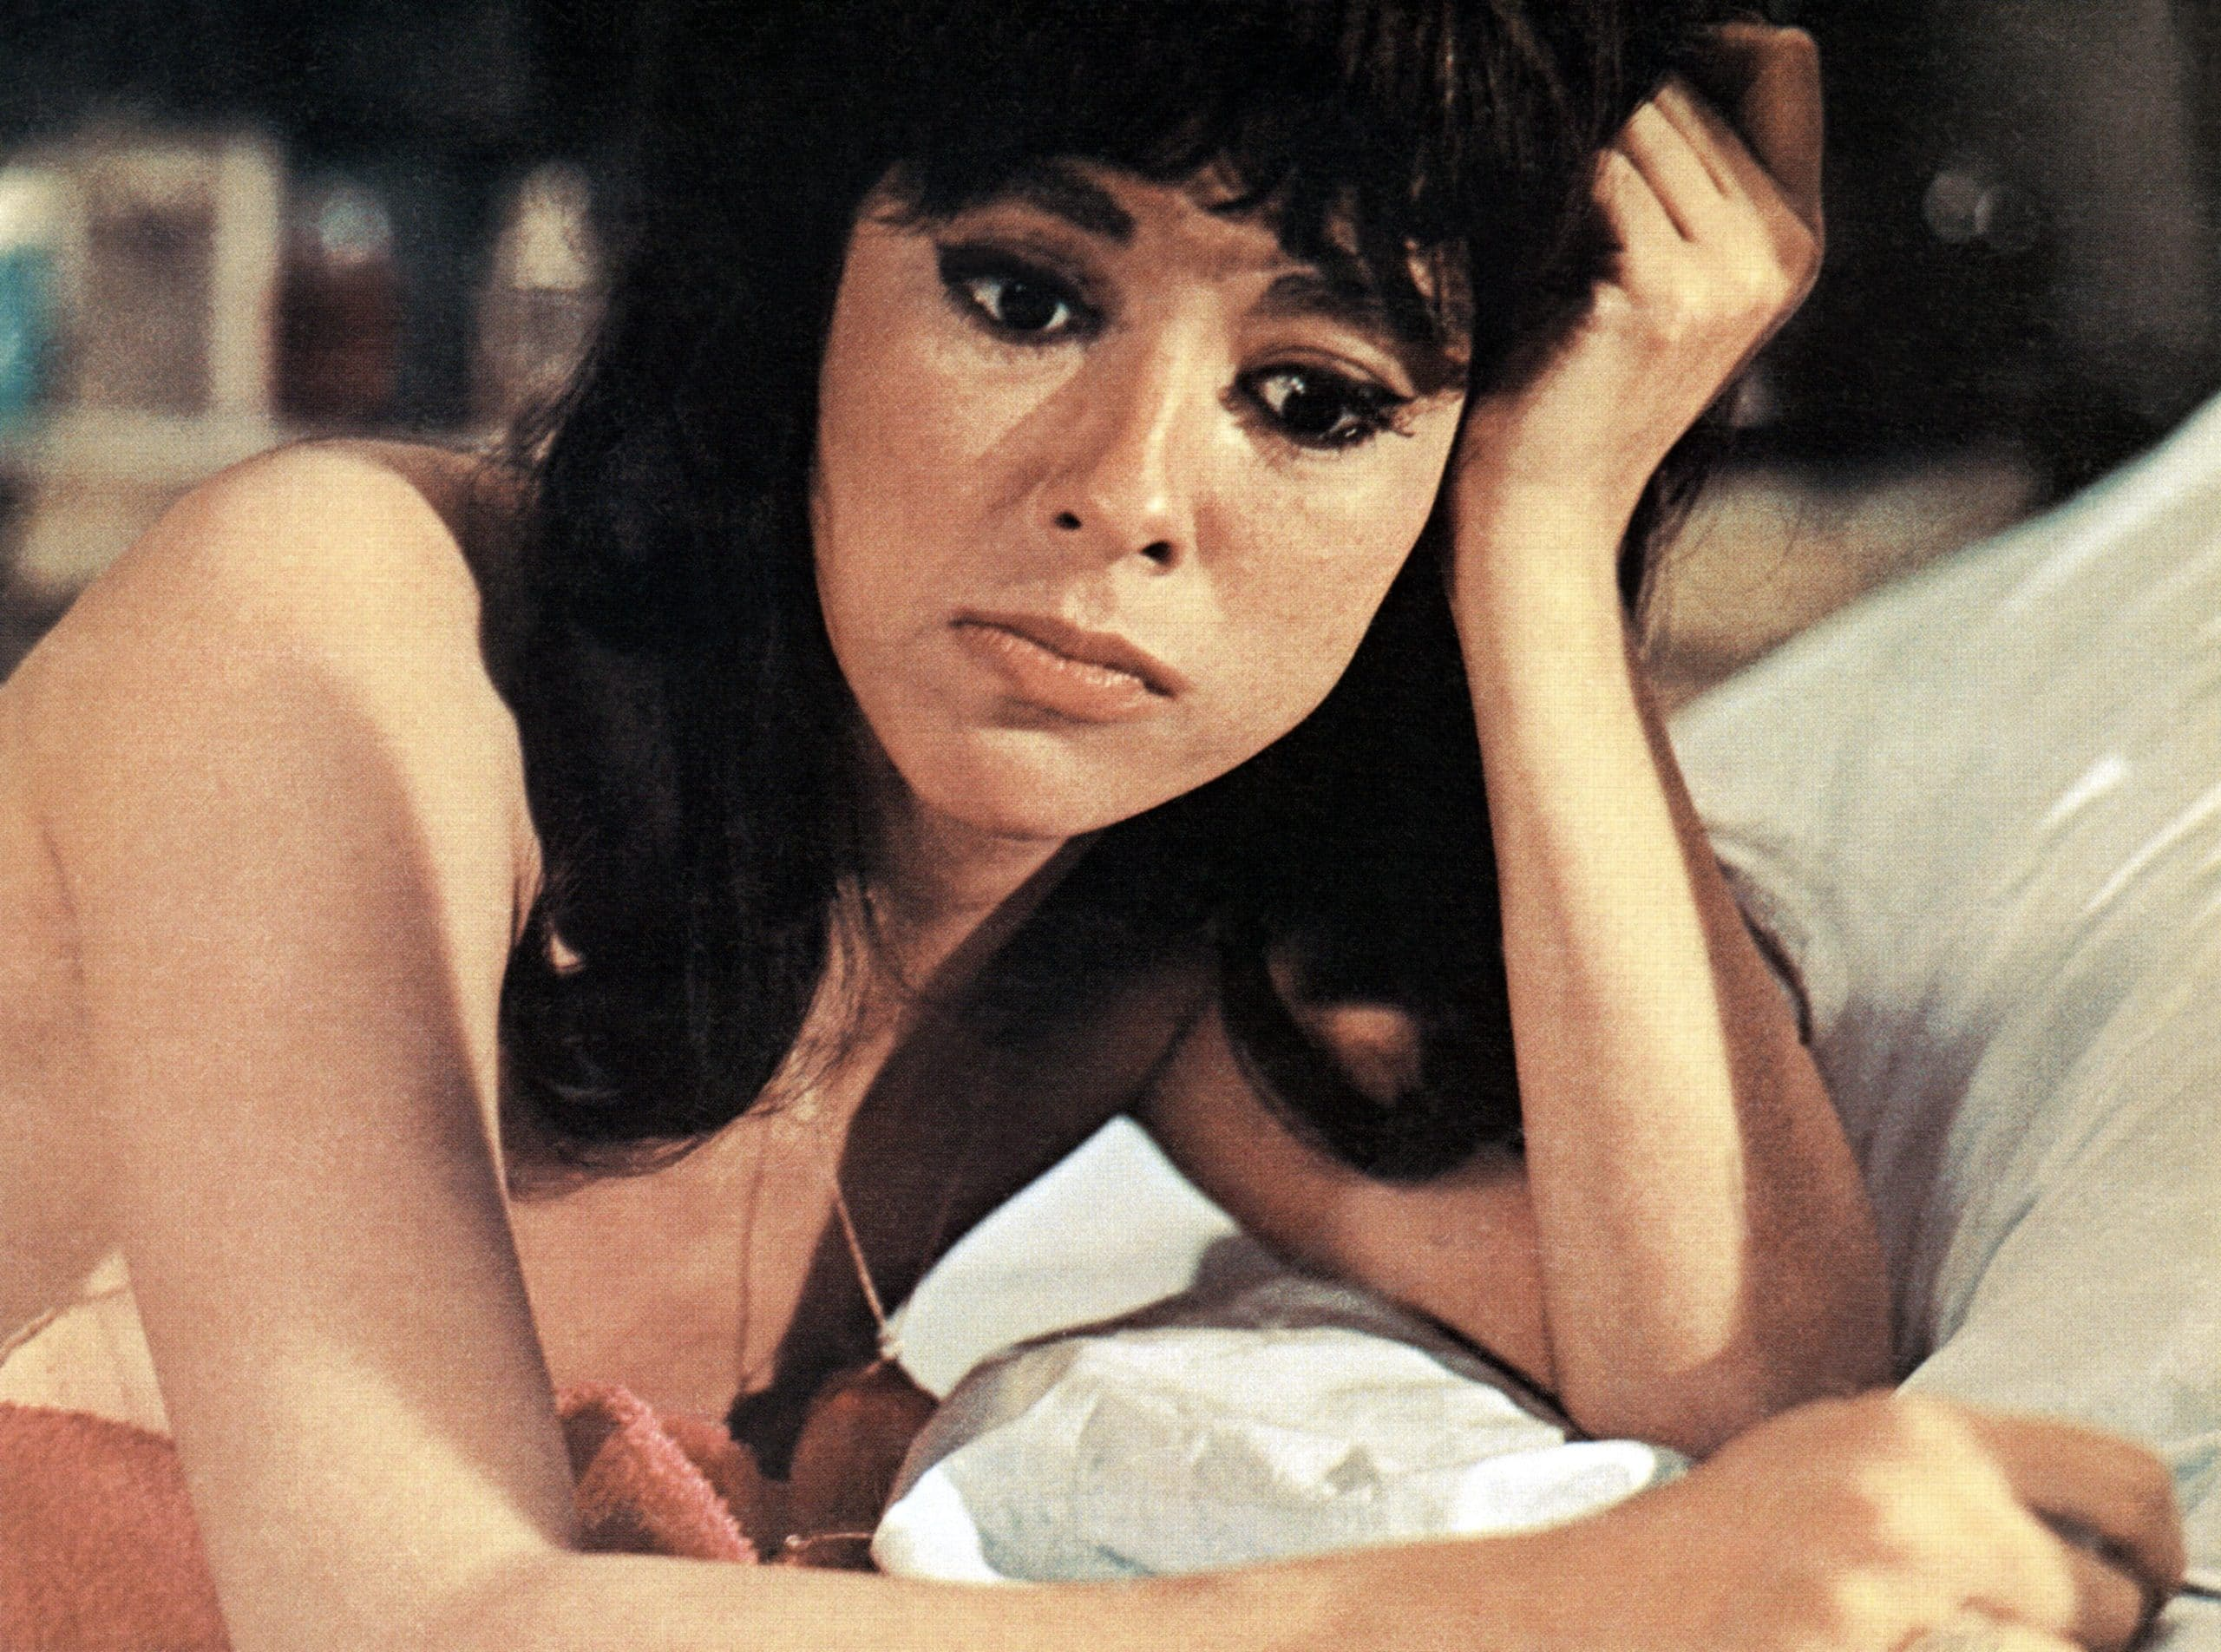 POPI, Rita Moreno, 1969